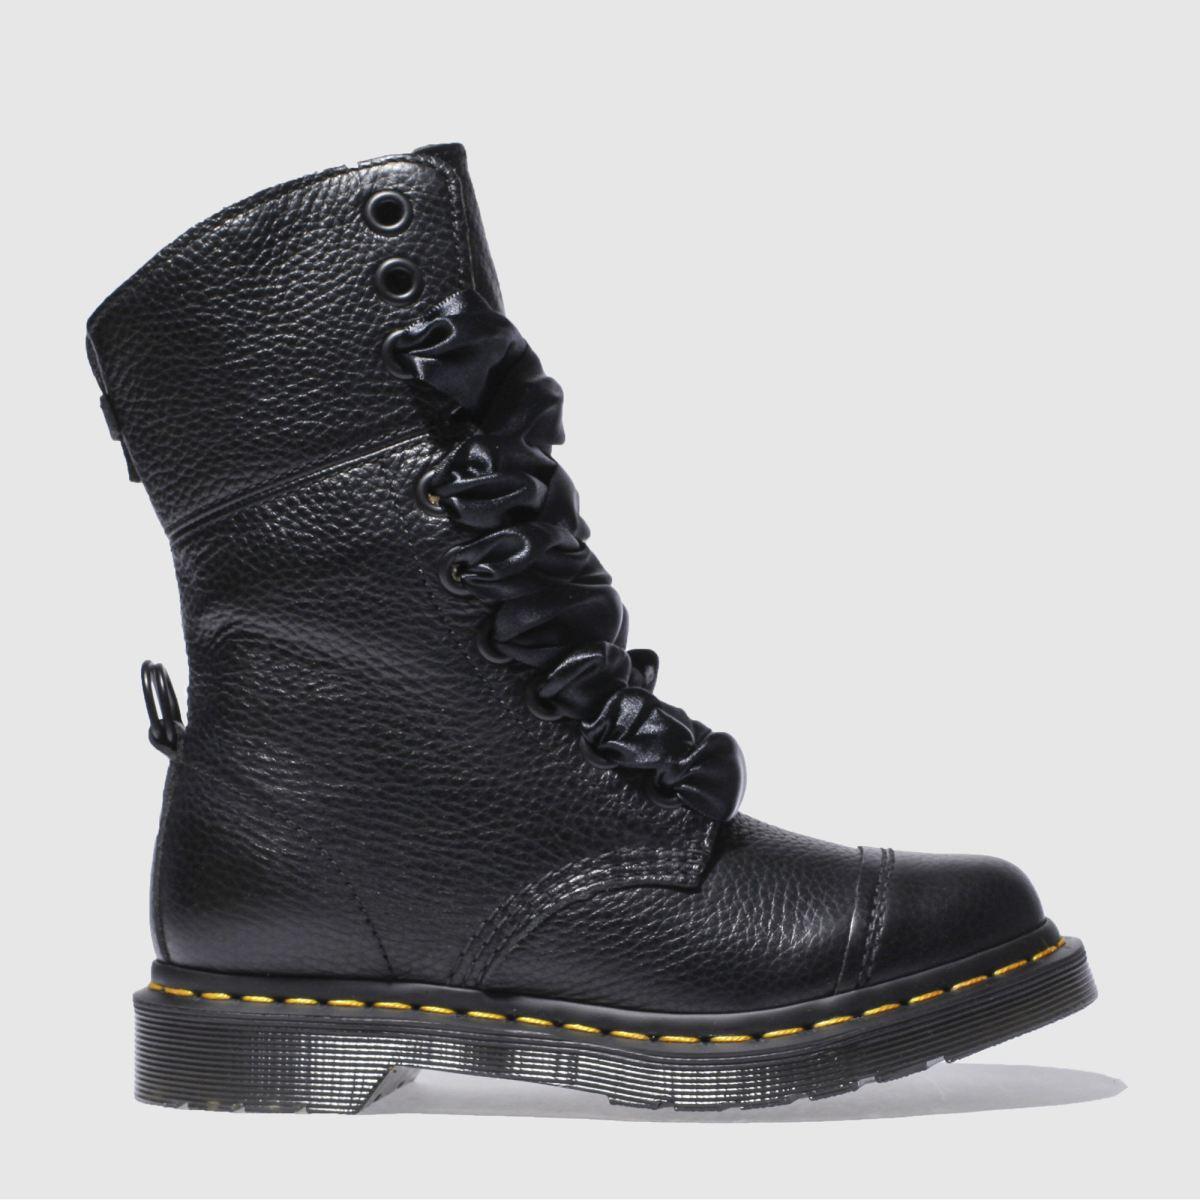 Dr Martens Black Aimilita Fl 9 Tie Cap Boot Boots